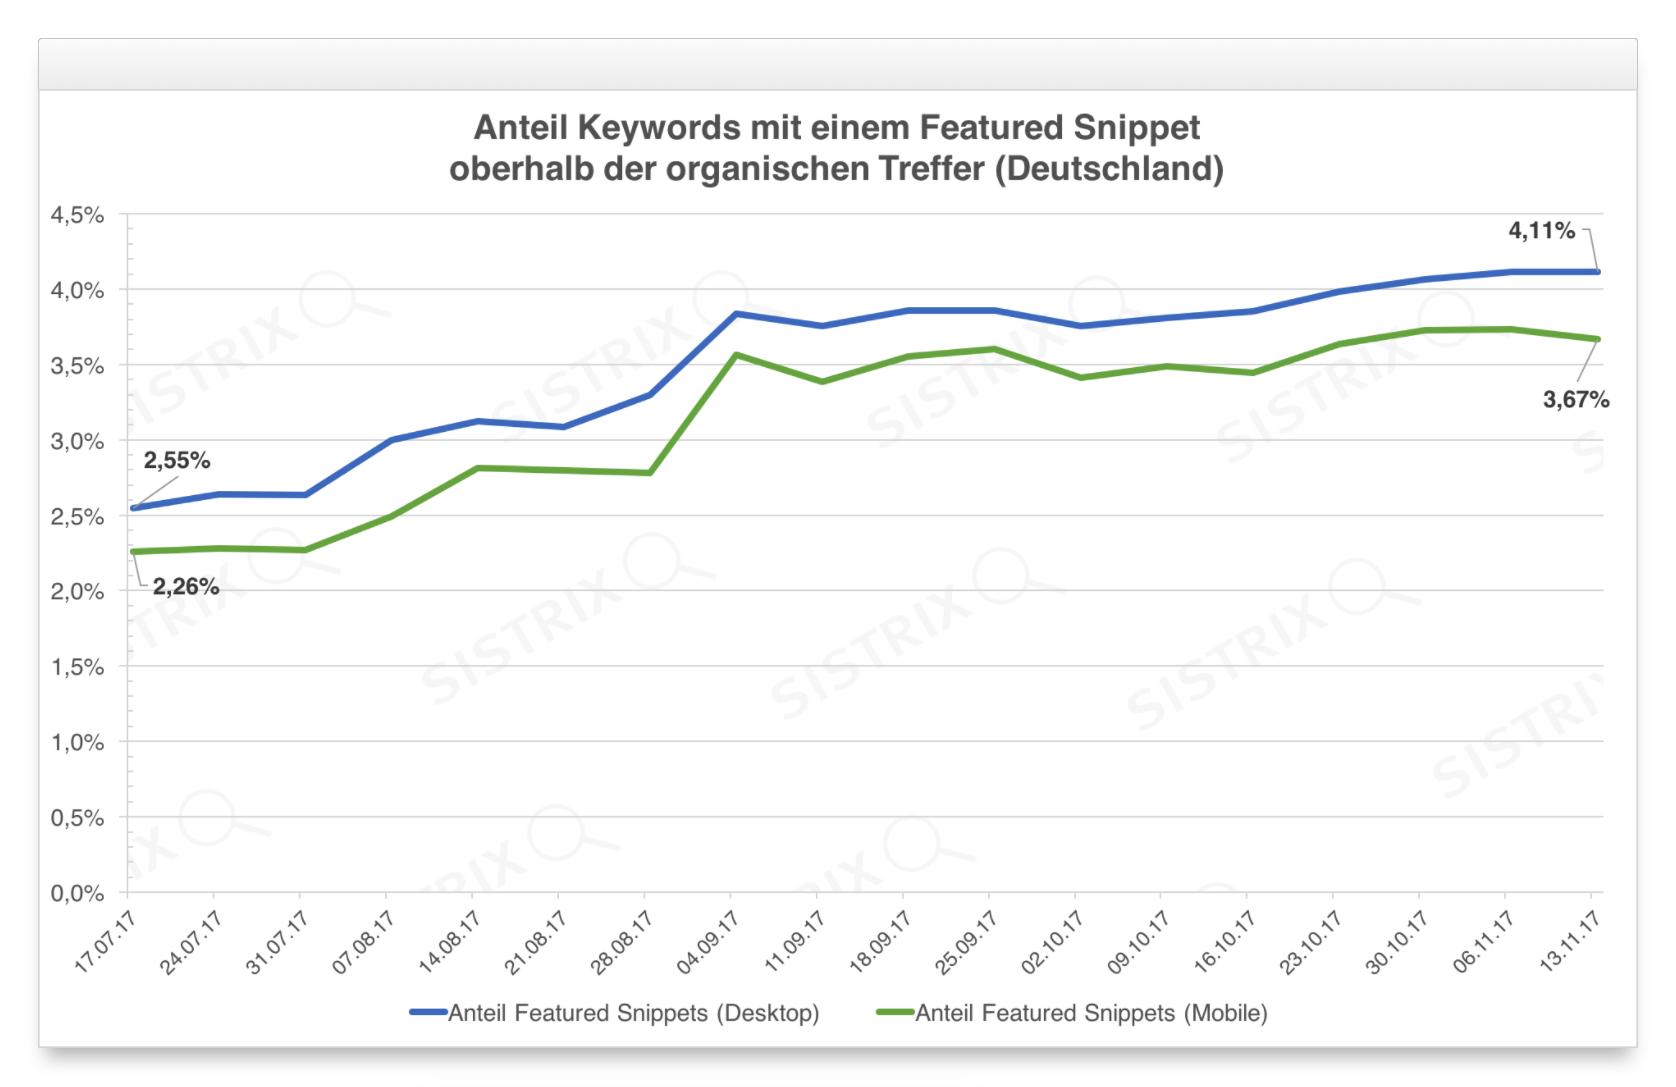 Es geht voran: Der Anteil der suchanfragen mit Featured Snippets wächst rasant. (Grafik: Sistrix)